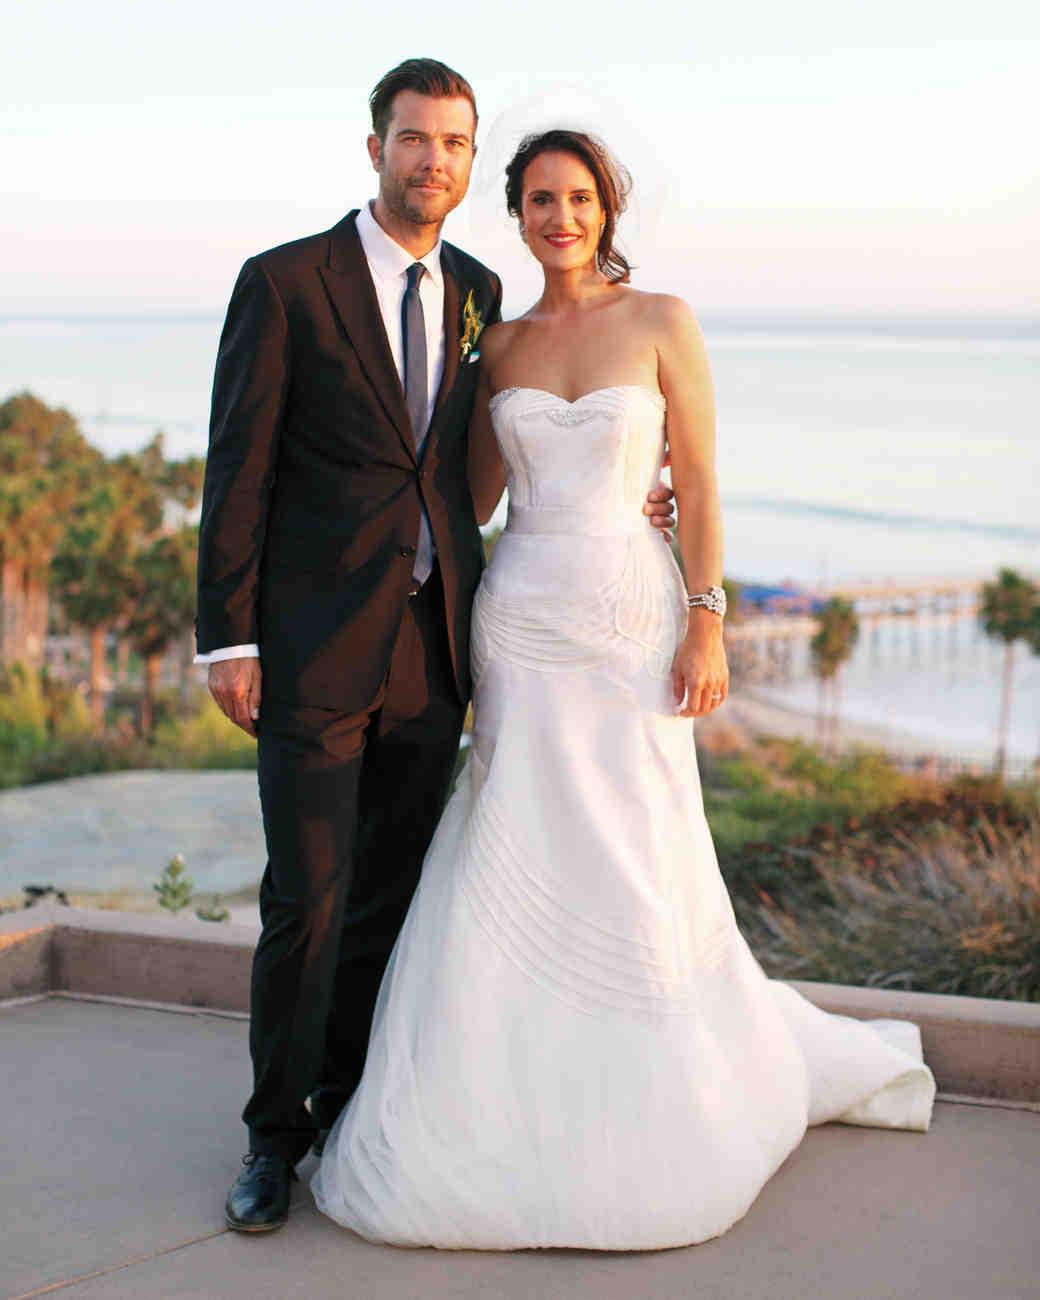 Bride in Unique Strapless Wedding Gown